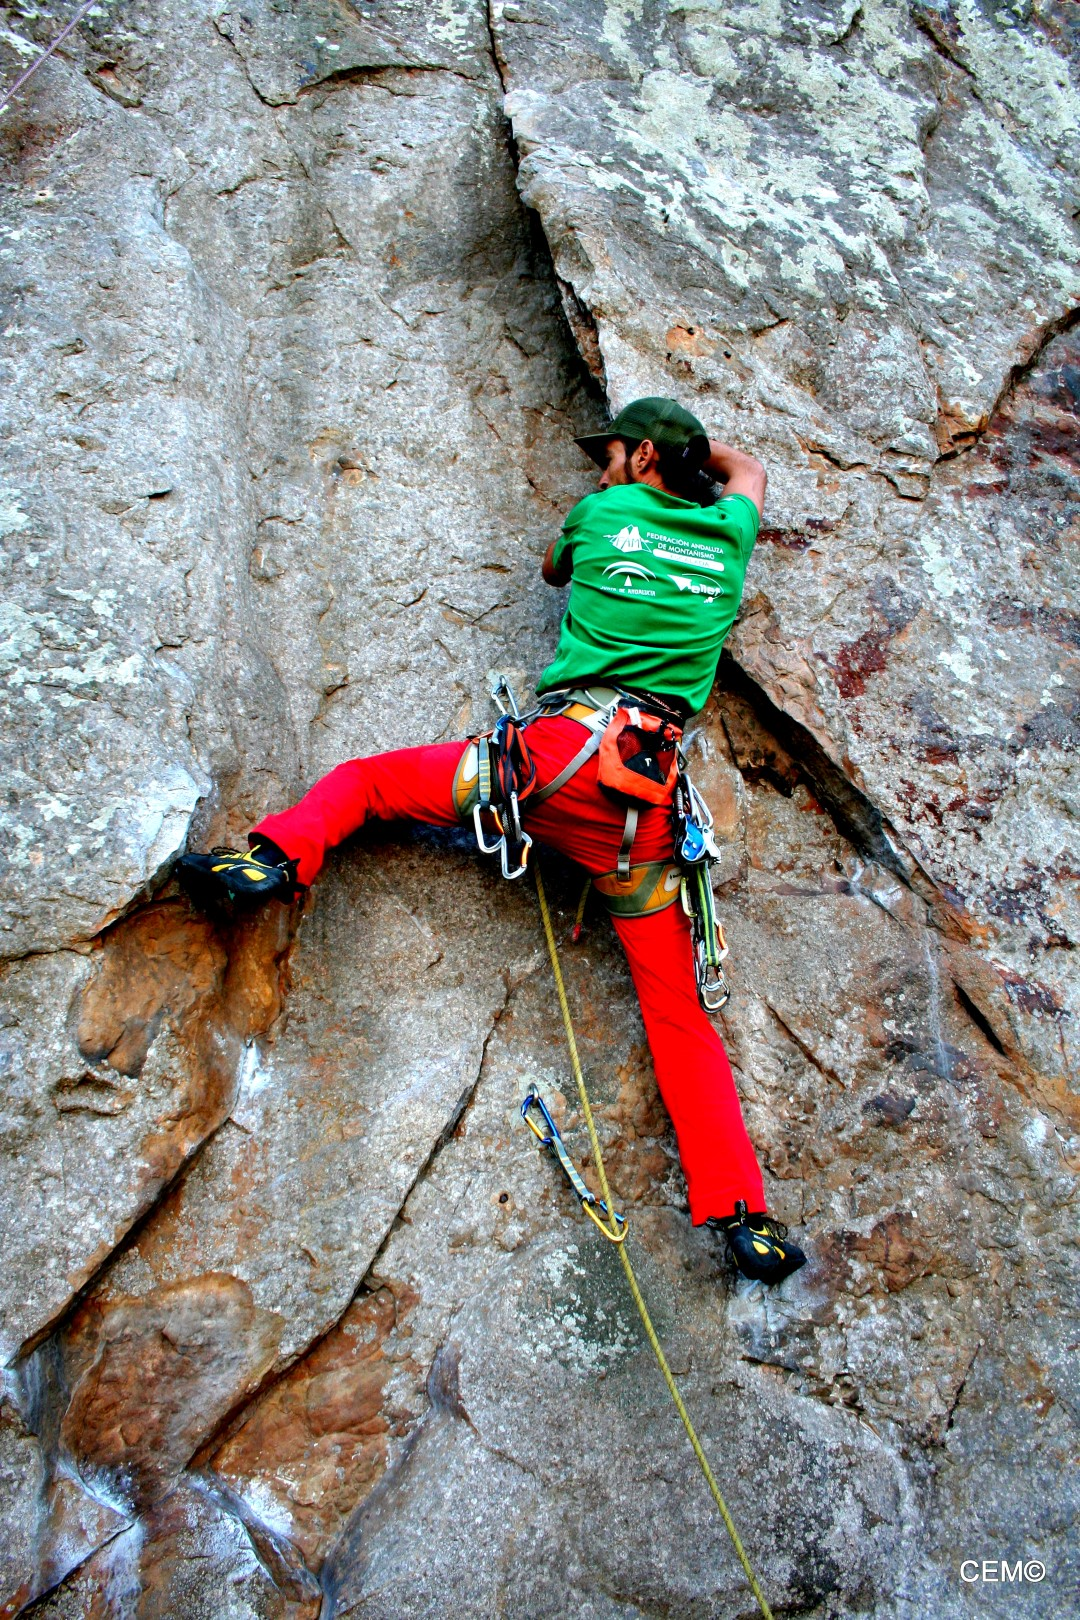 actividad-cem-escalada-deportiva-san-bartolo-tarifa-2016-06